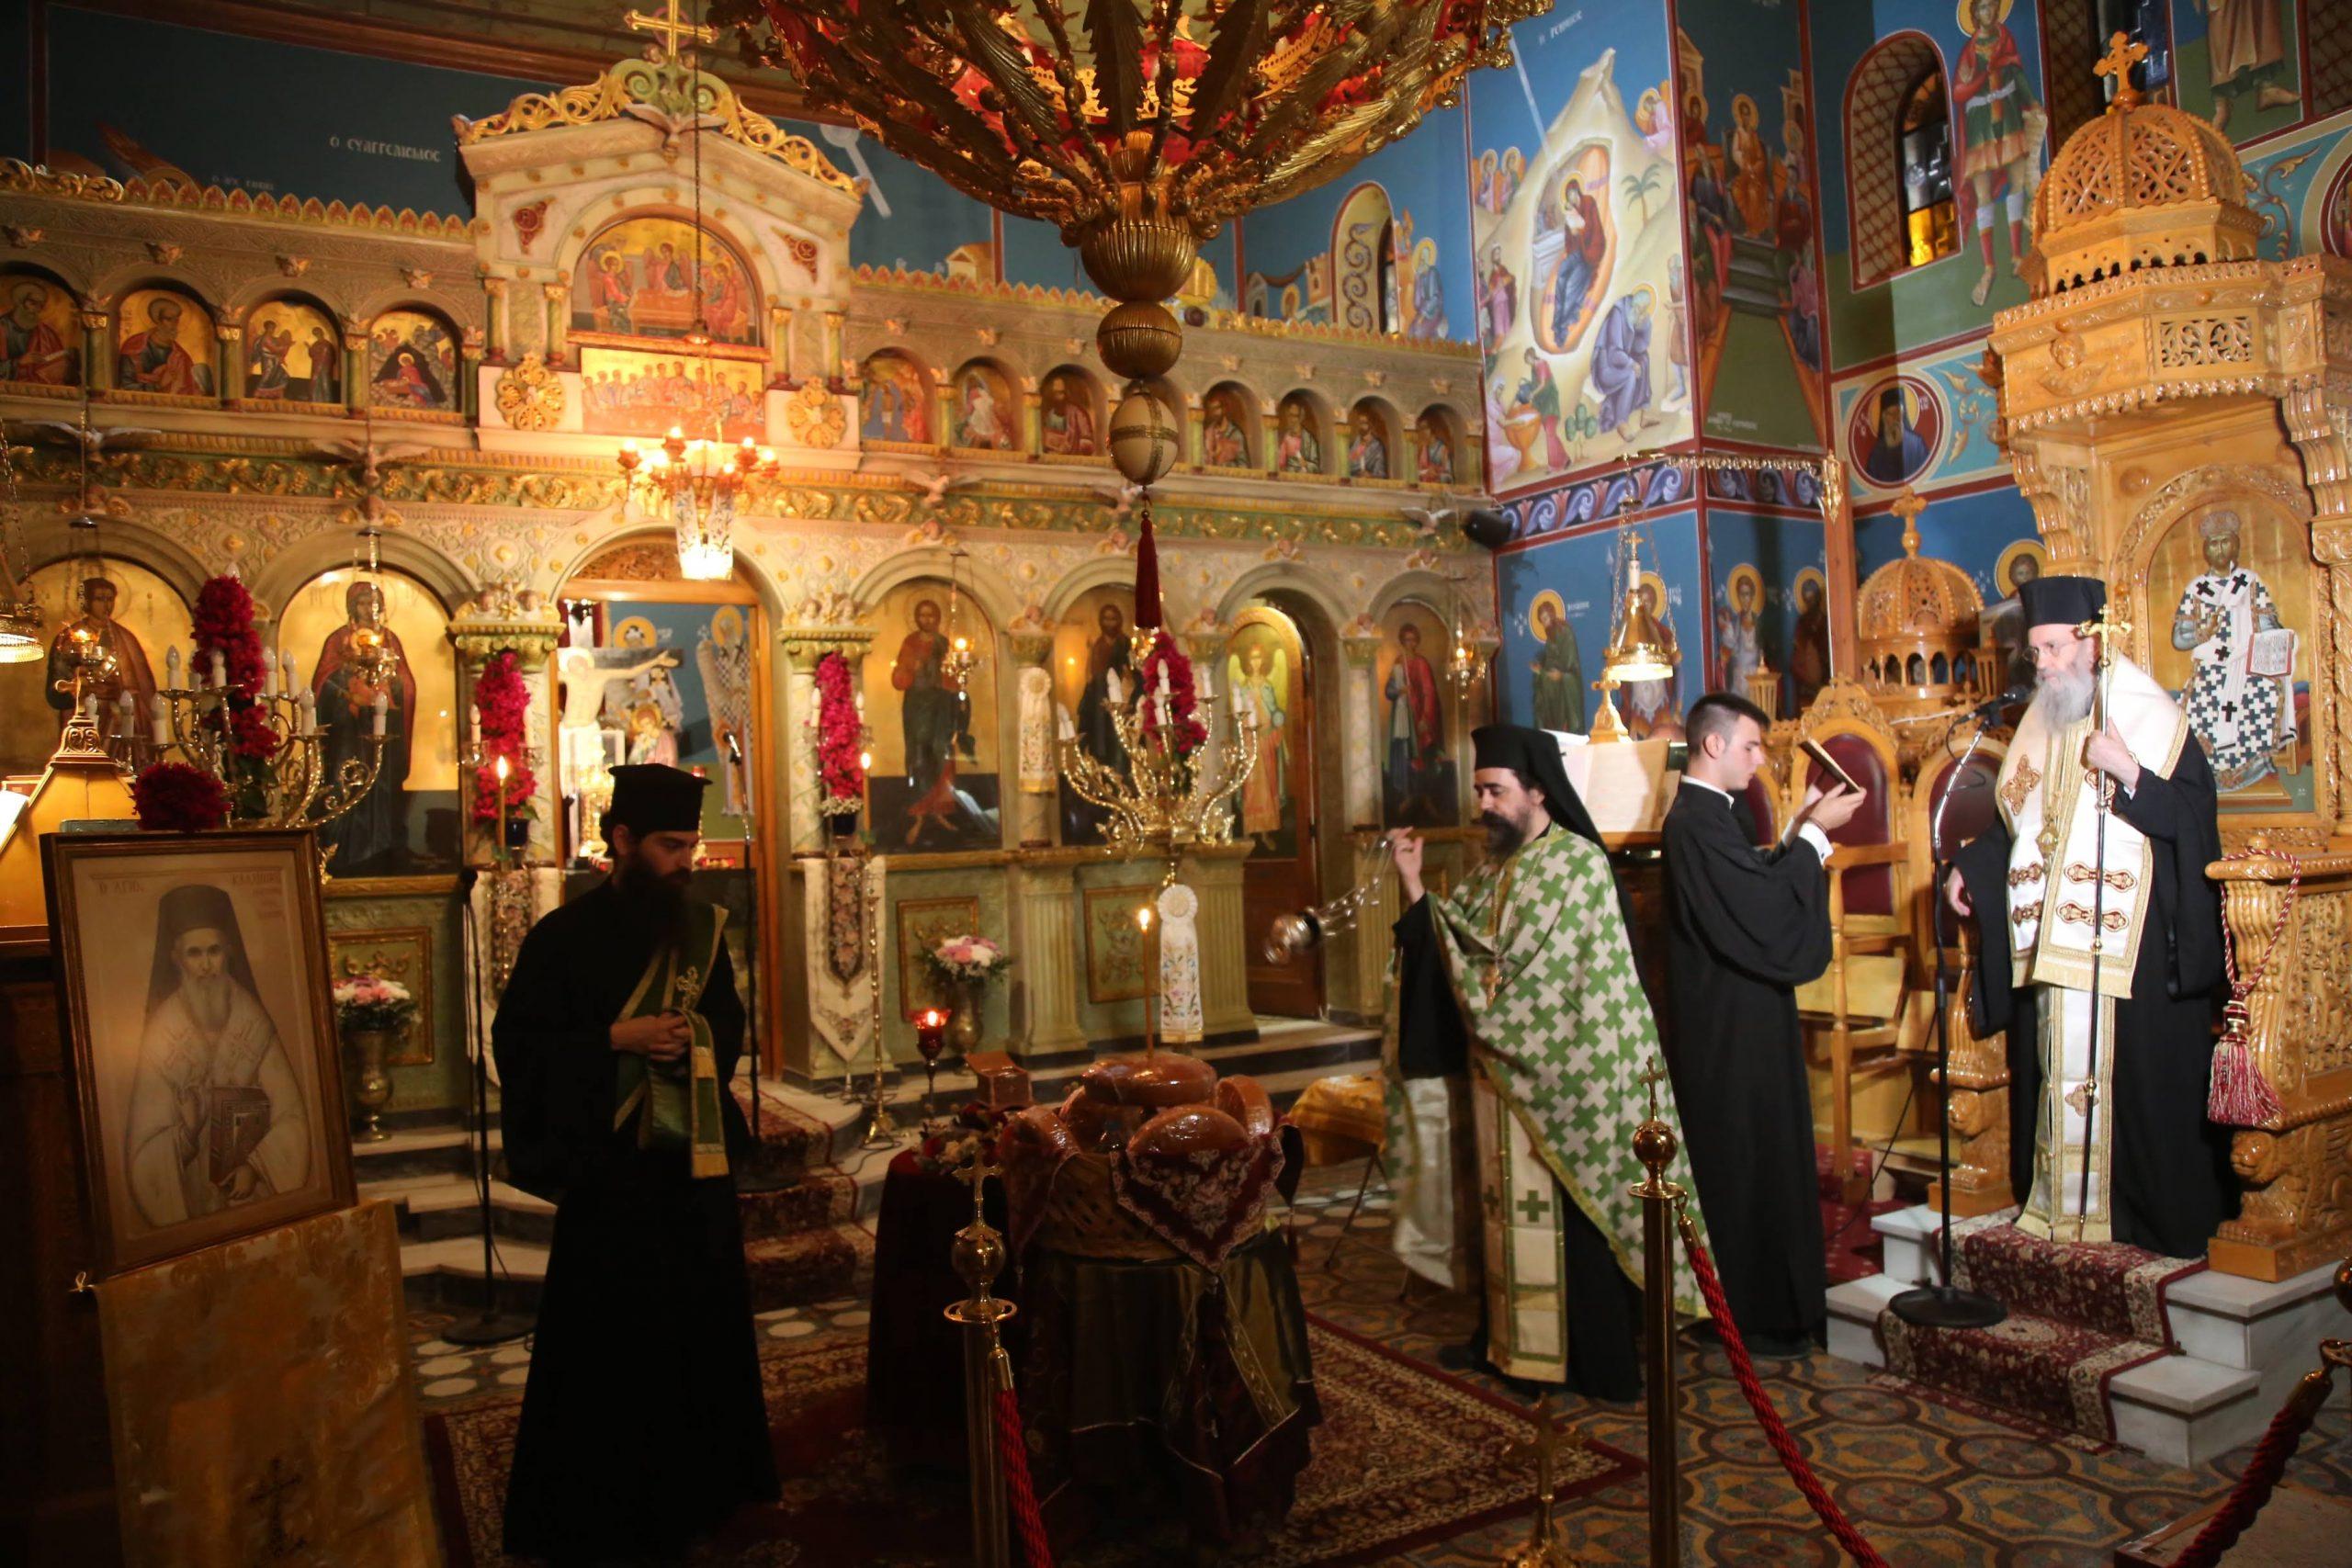 Υποδοχή λειψάνου και αγρυπνία για τον Άγιο Καλλίνικο Εδέσσης στον Λυγιά Ναυπακτίας